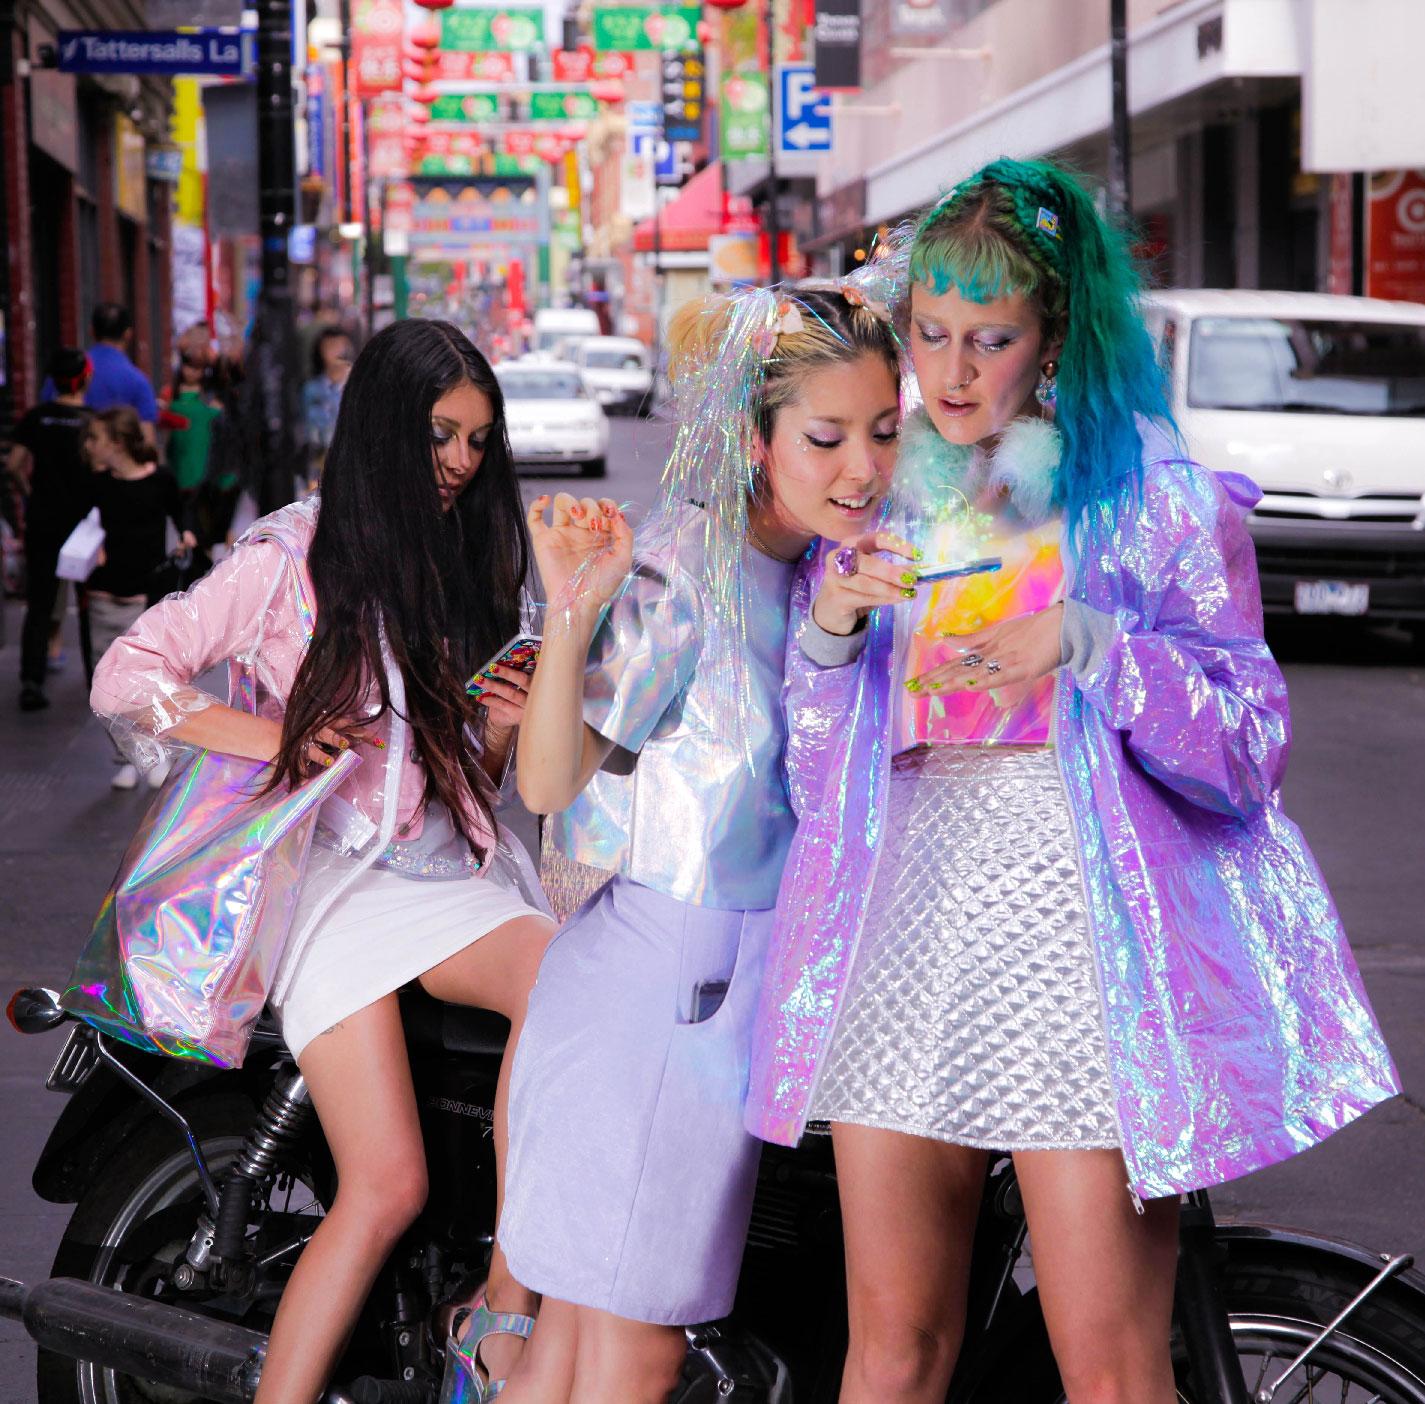 Girls on Bike.jpg